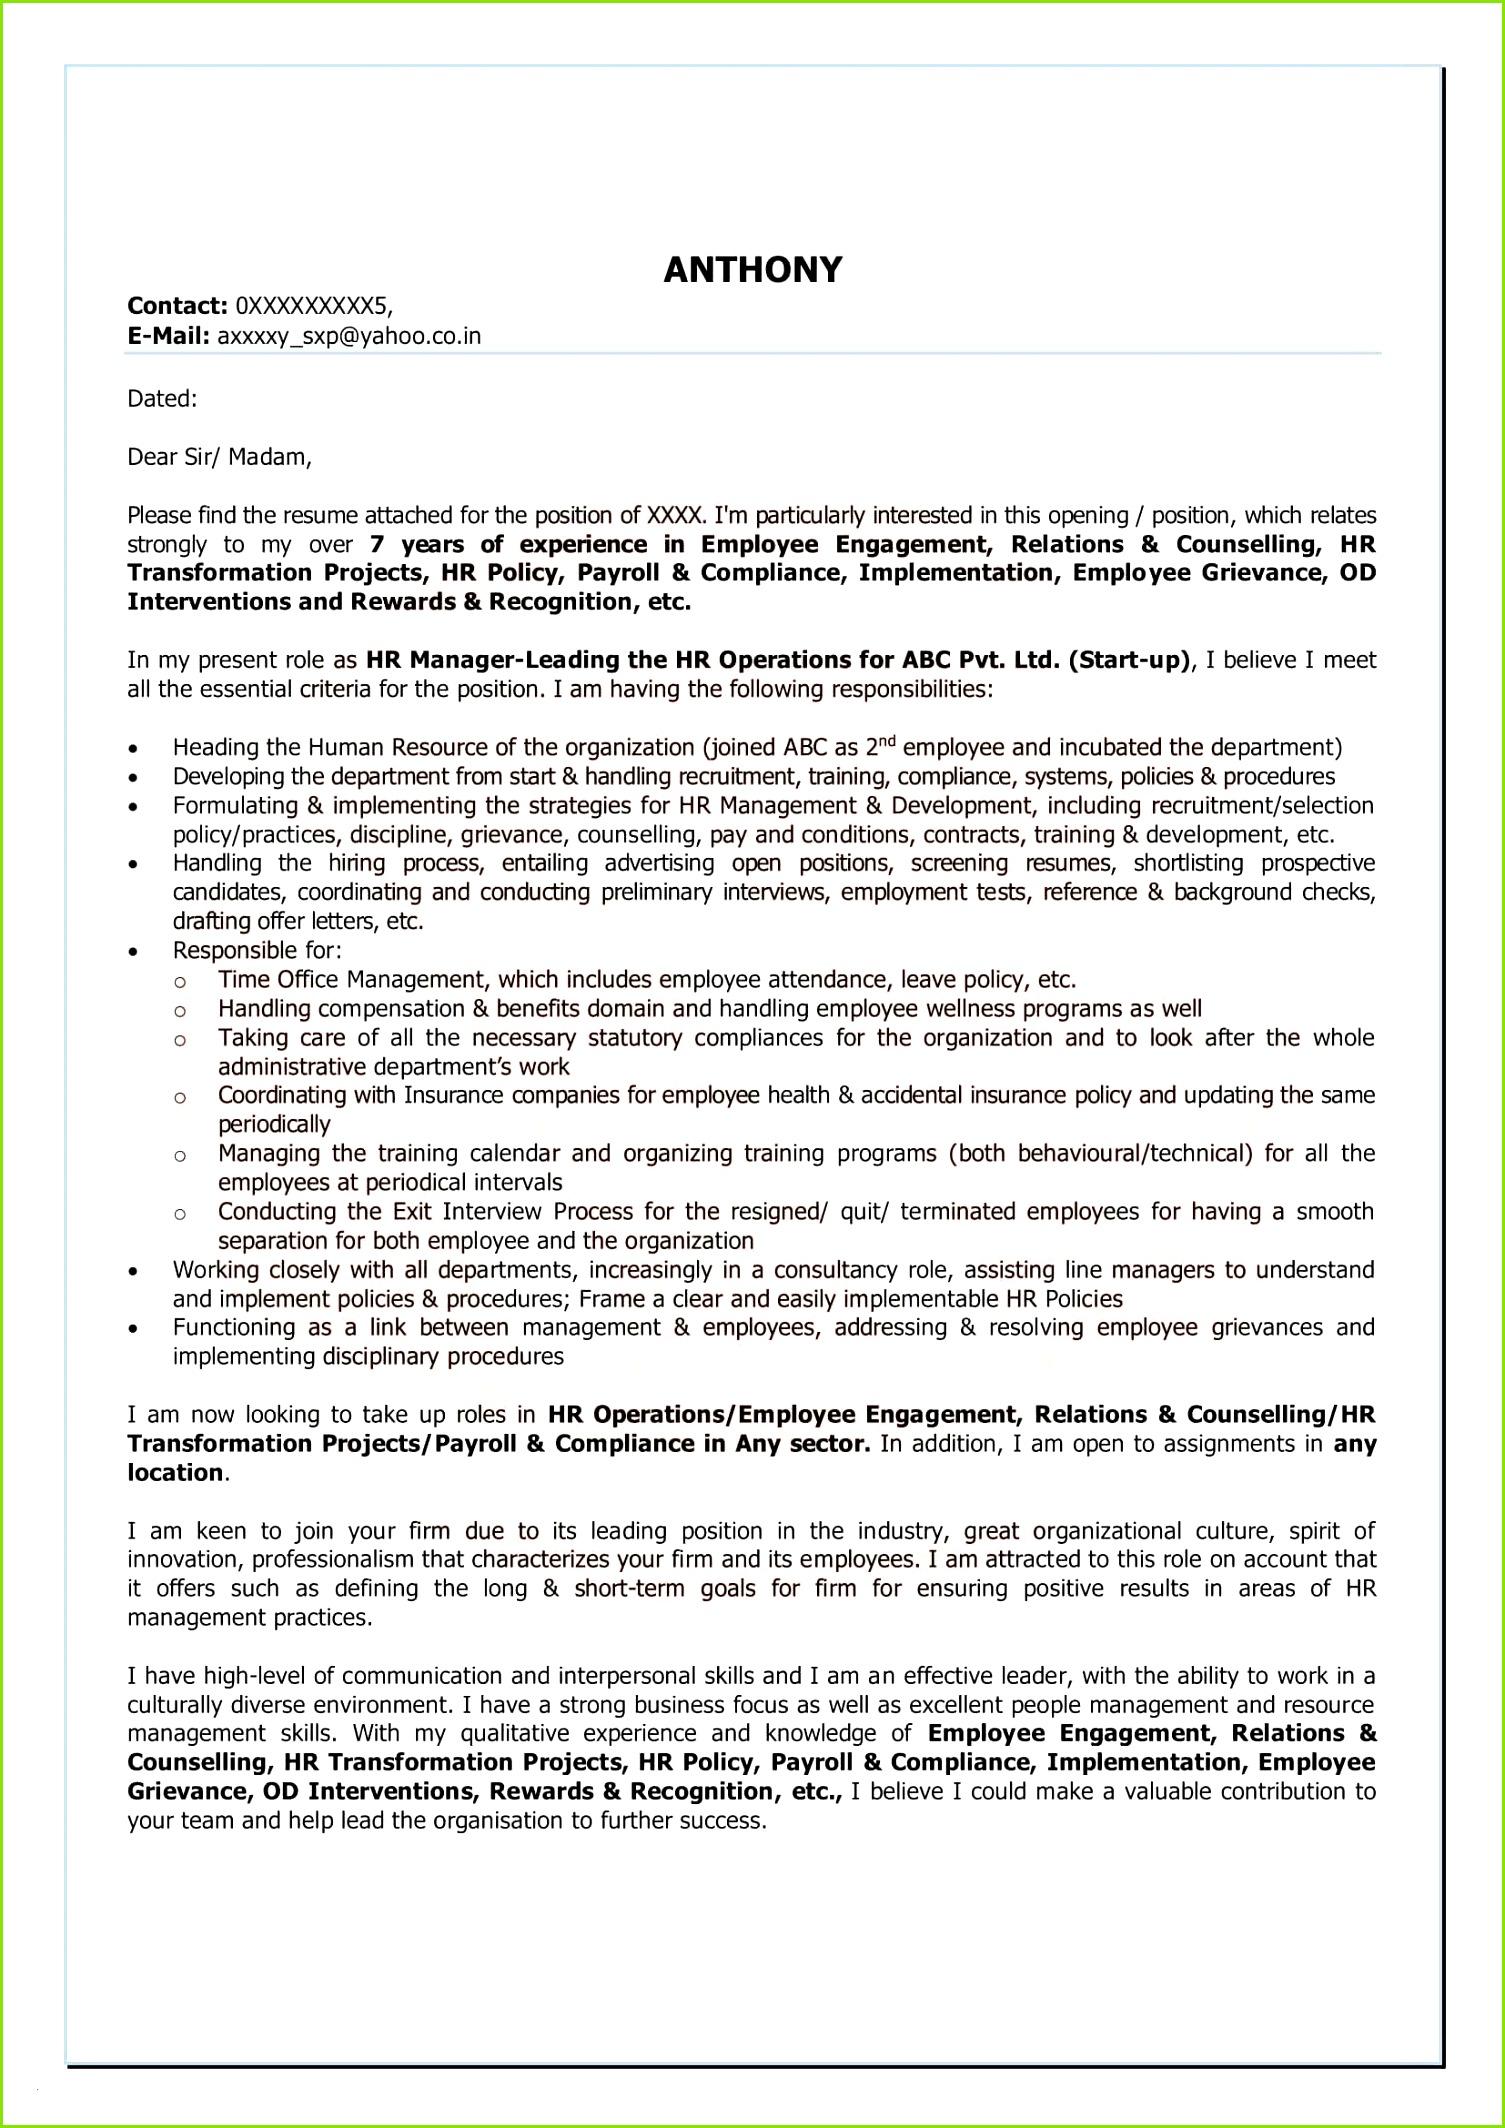 Reisekostenabrechnung Vorlage Finanzamt Editierbar Finanzamt Brief Vorlage Fristverlängerung Bei Steuererklärung Reisekostenabrechnung